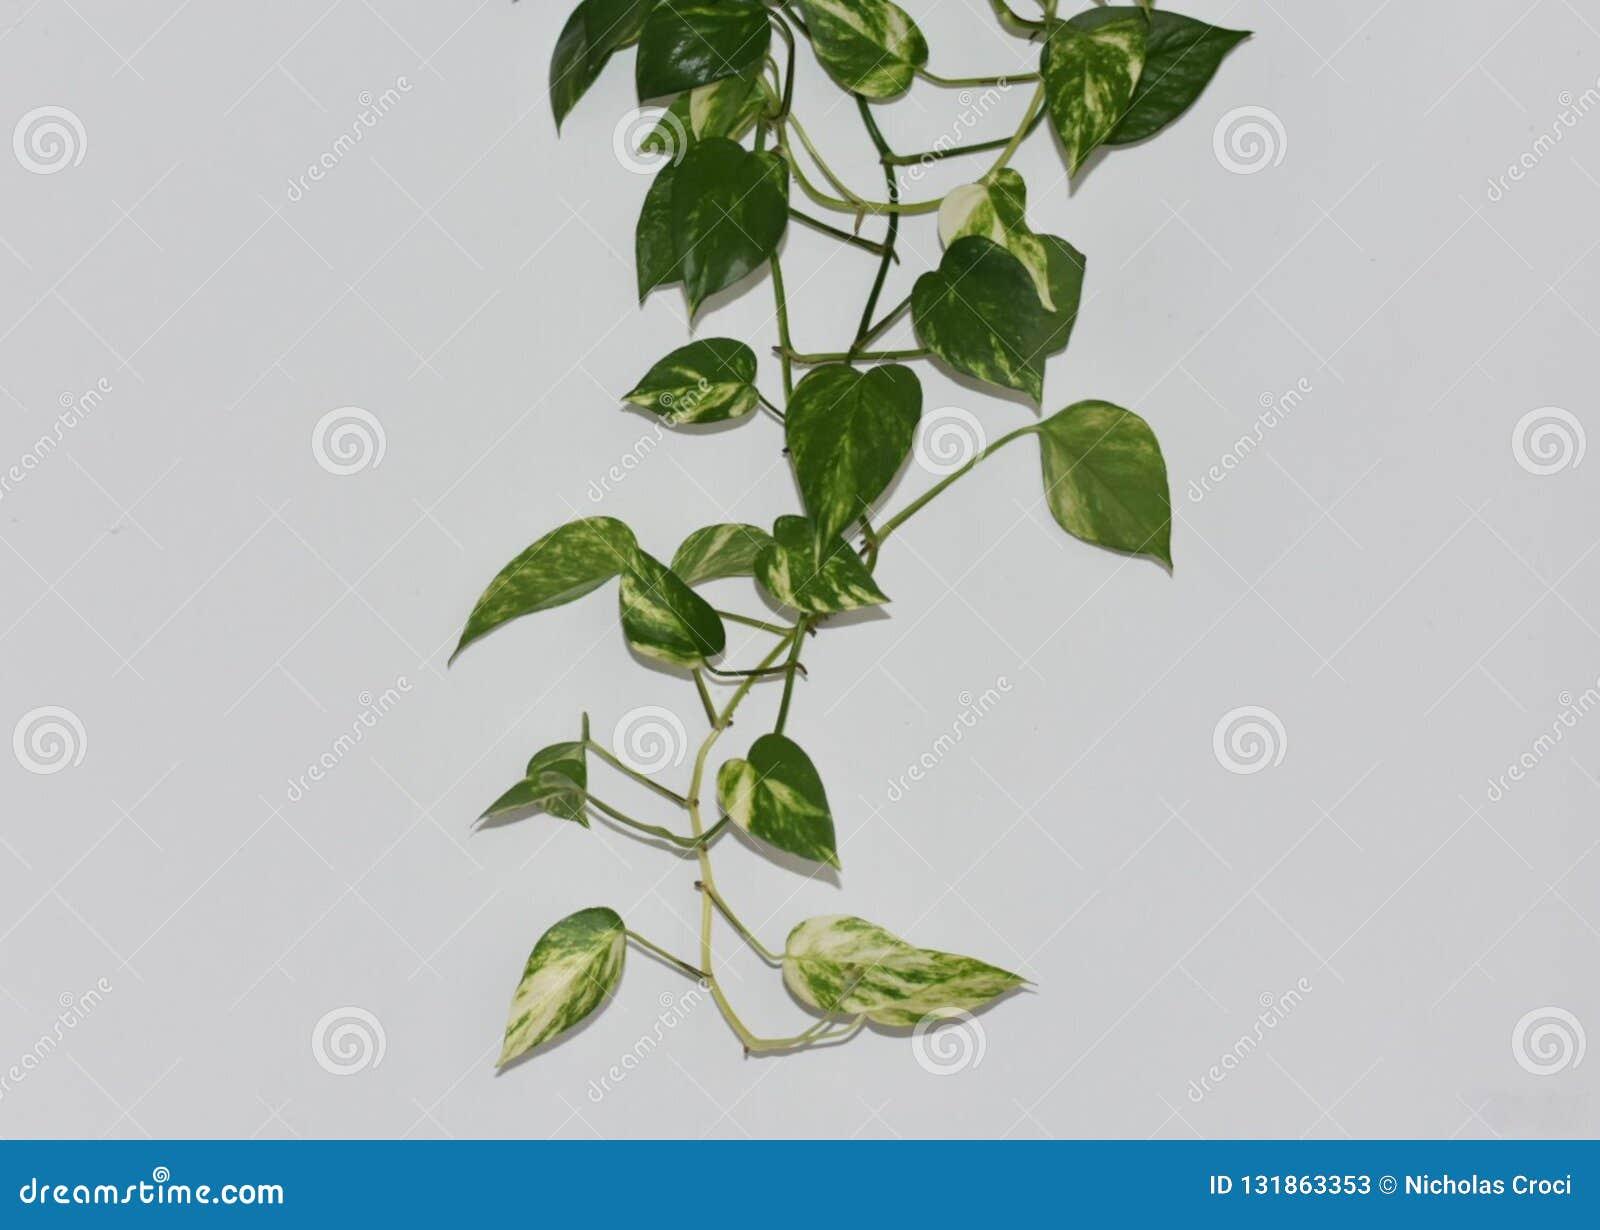 Piante Rampicanti Da Interno pianta rampicante dall'interno della casa immagine stock